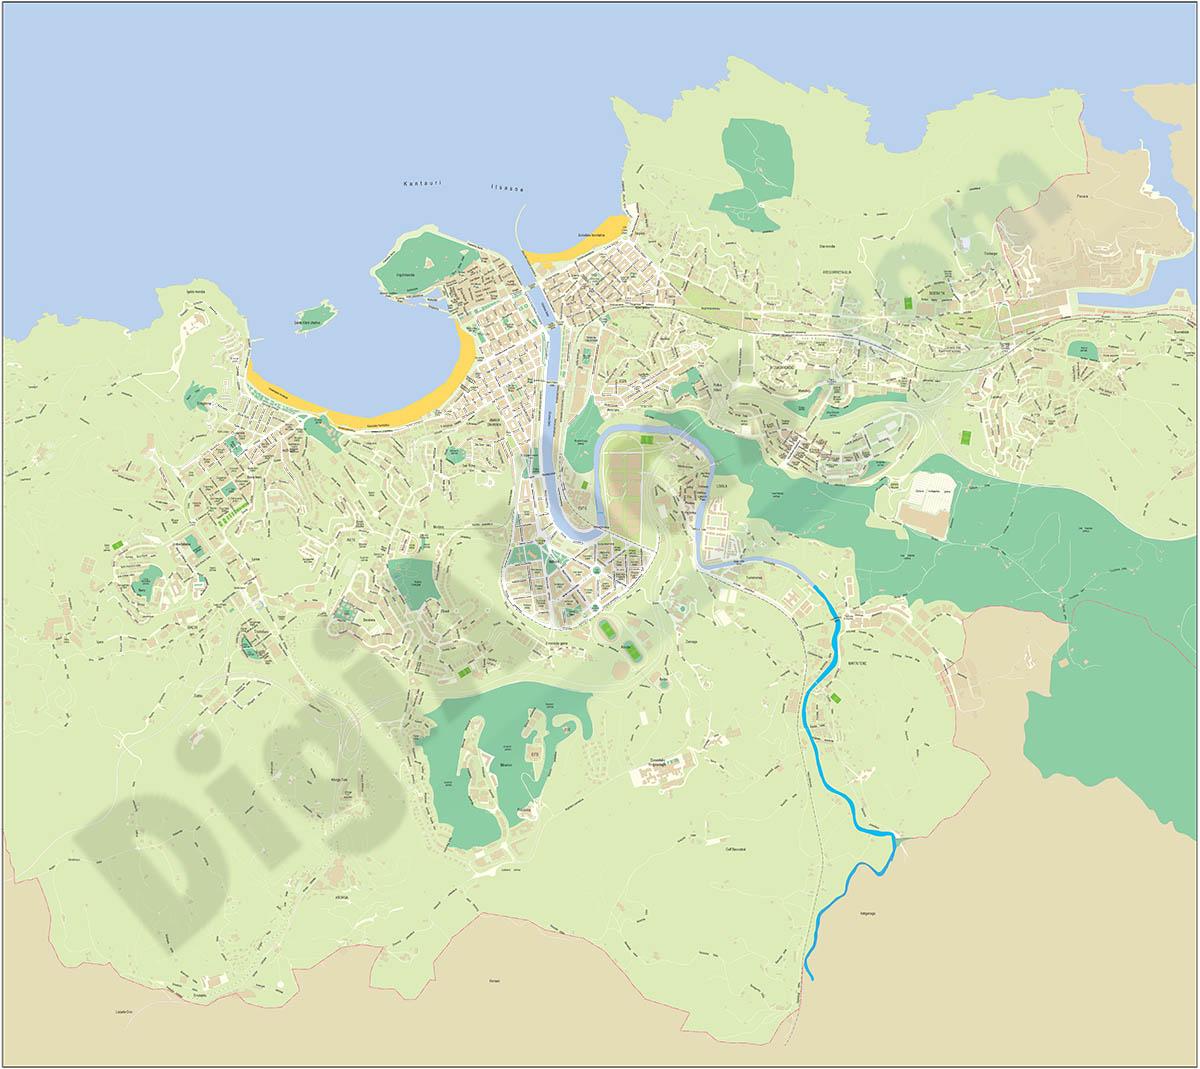 Donostia (Basque Country) city map